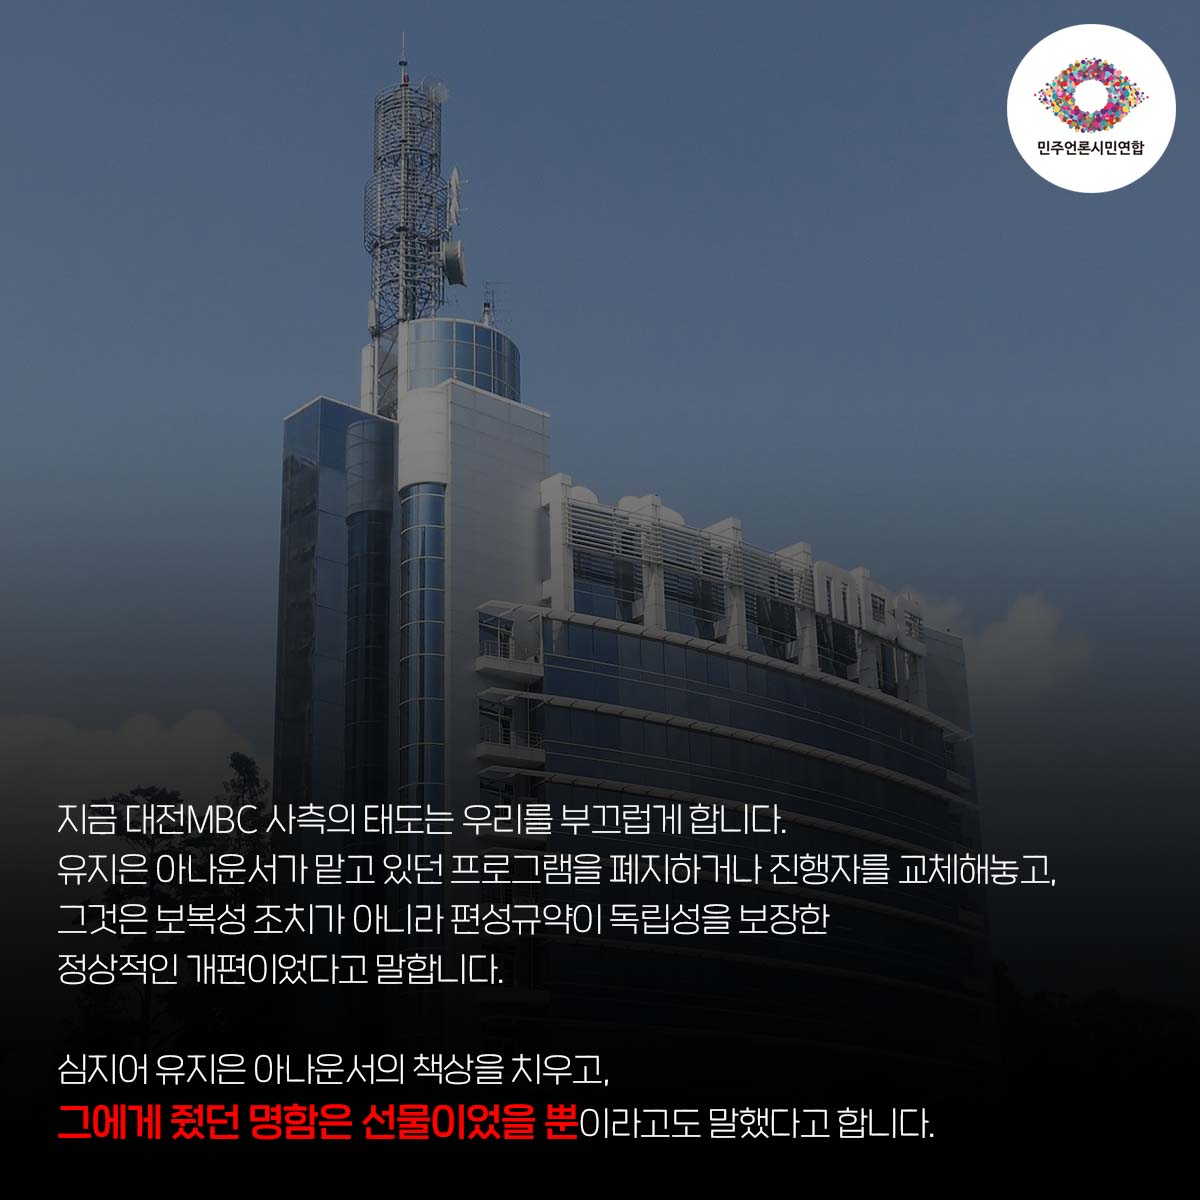 대전 MBC 채용 성차별-3.jpg